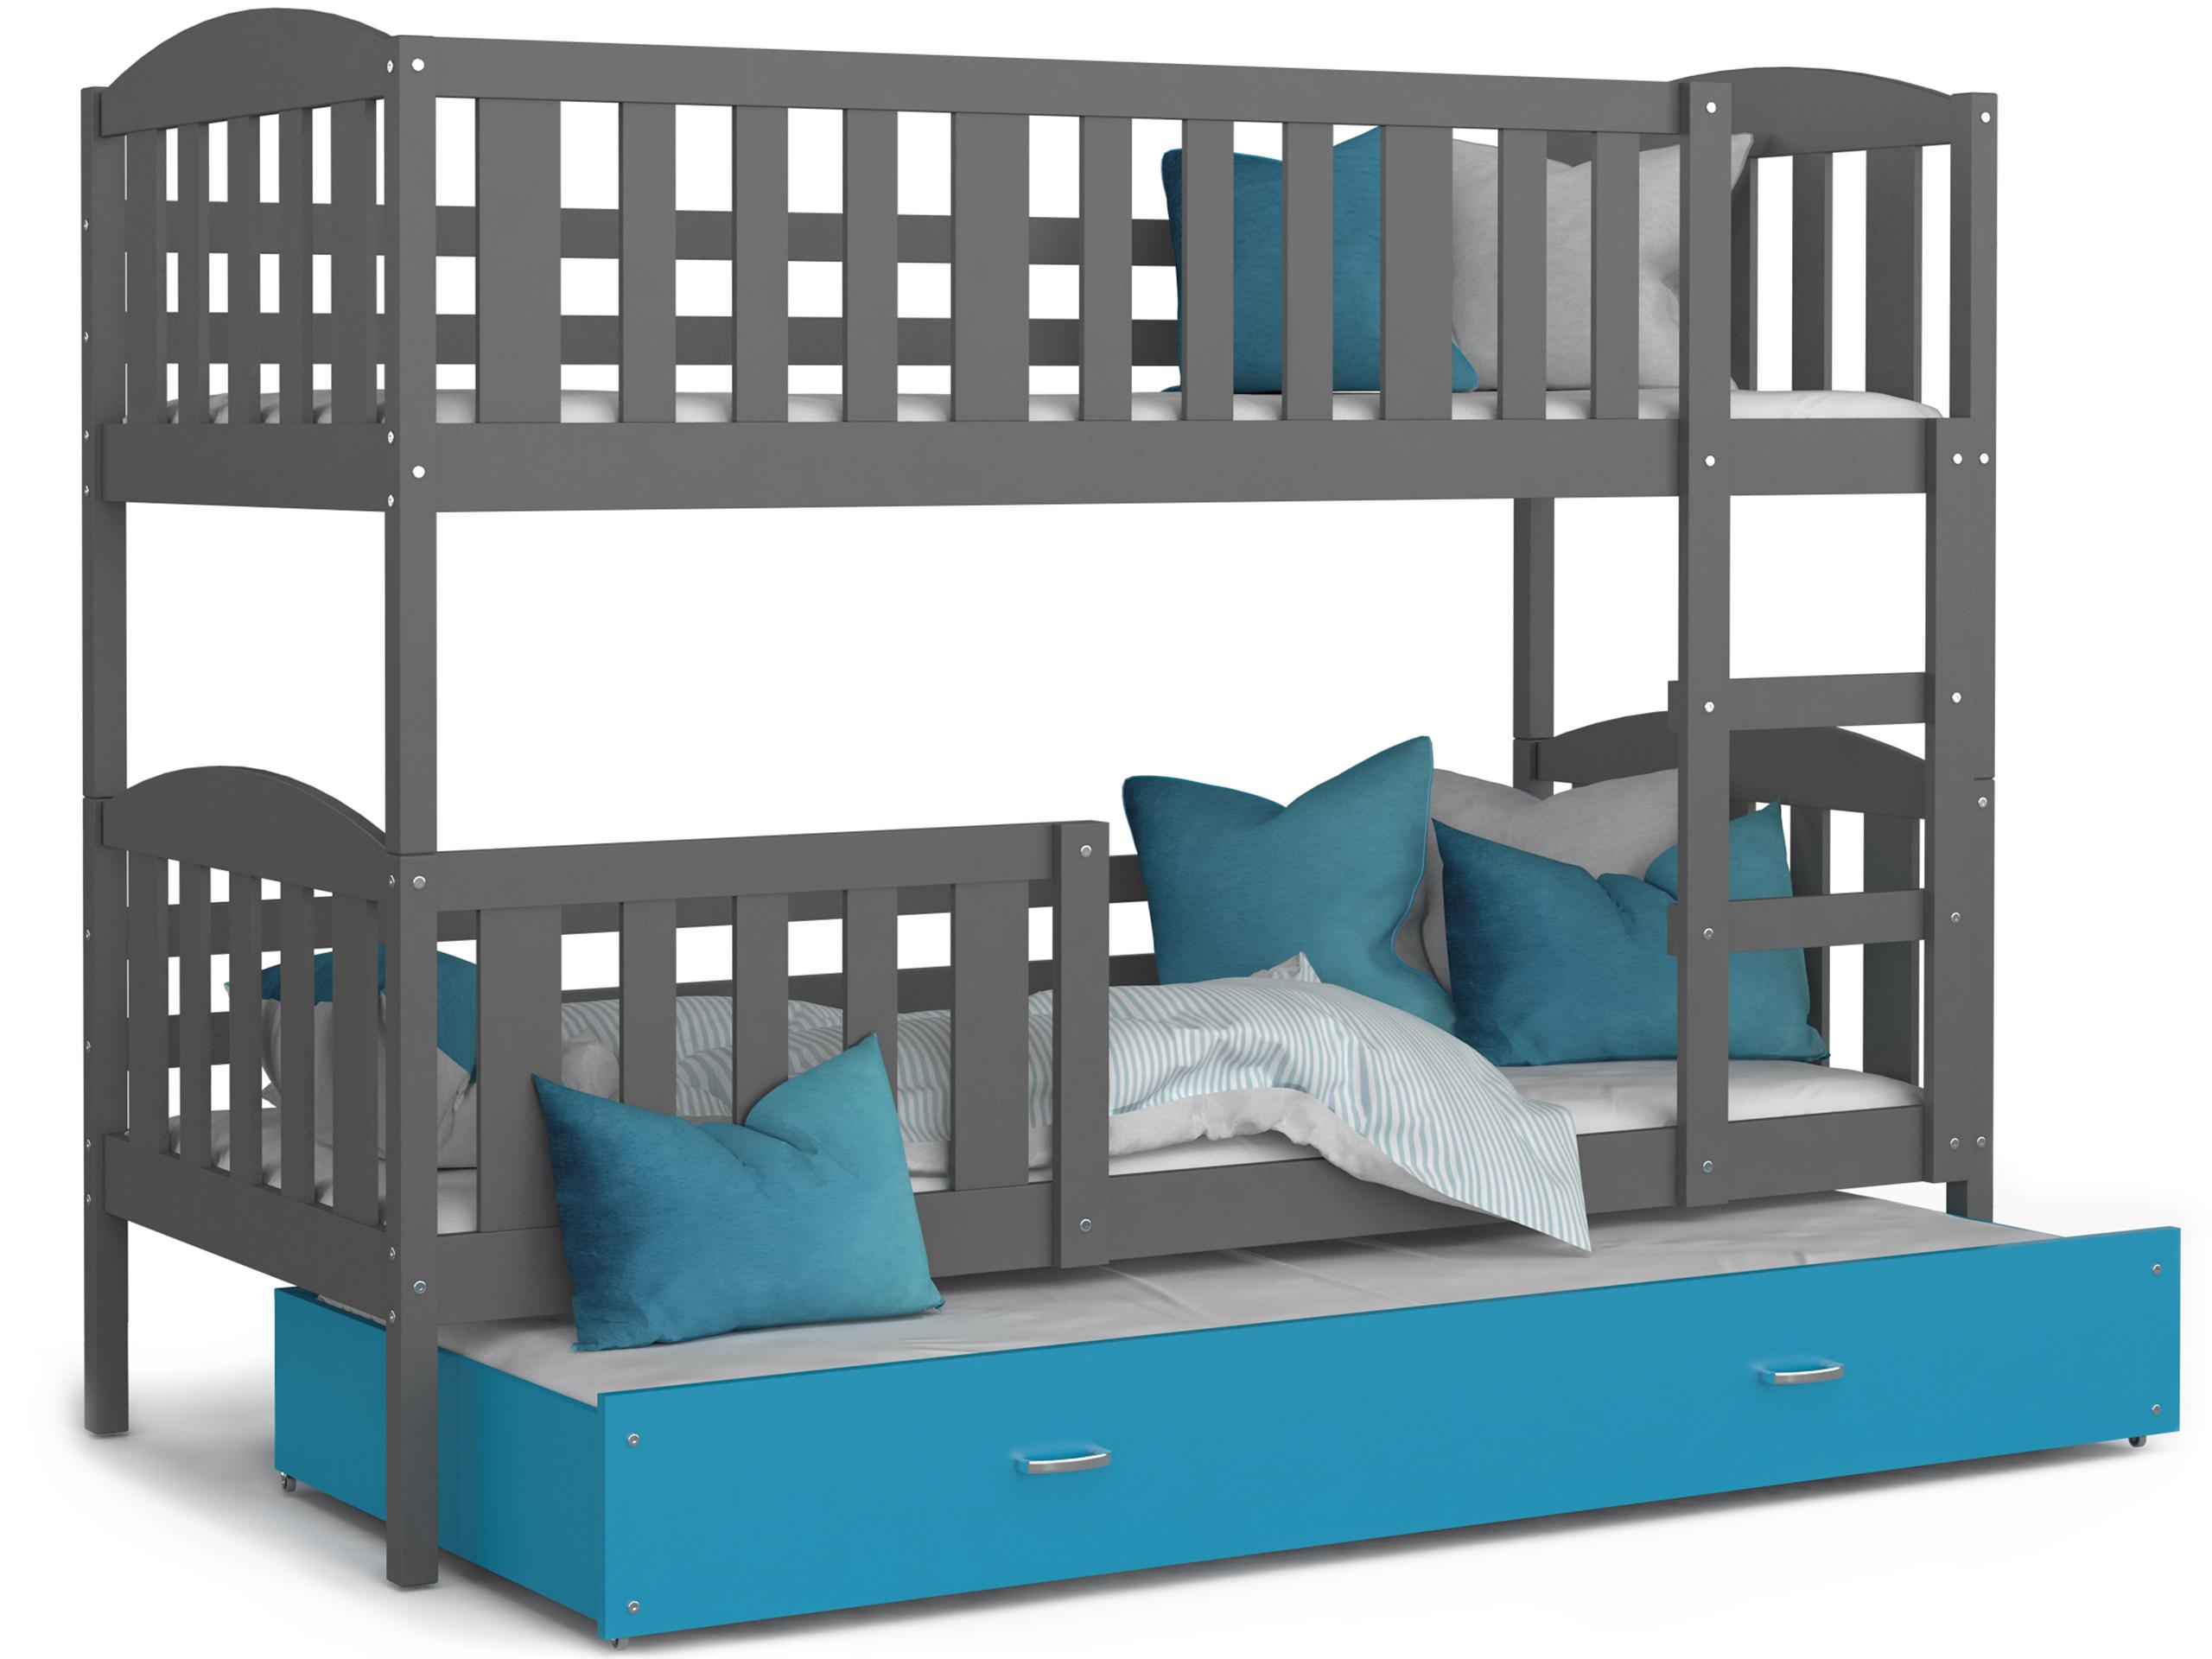 ArtAJ Detská poschodová posteľ Kubuš 3 | 190 x 80 cm Farba: Sivá / Modrá, Prevedenie: bez matraca, Rozmer.: MDF